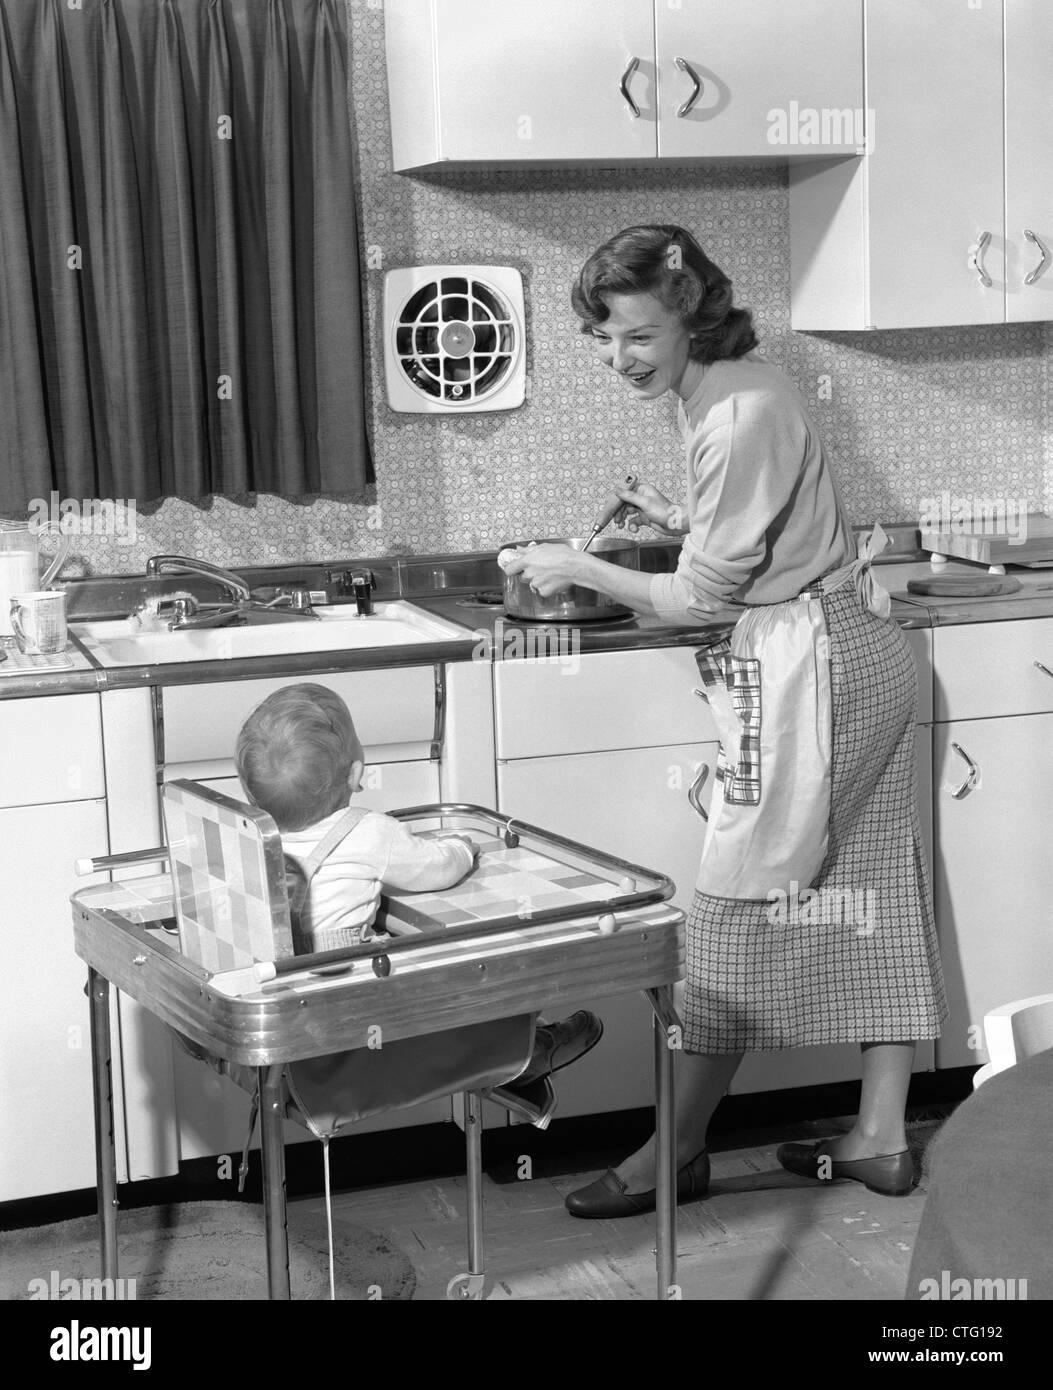 1950ER JAHREN FRAU MUTTER IN HOME KÜCHE KOCHTOPF AUF HERD LÄCHELTE ...